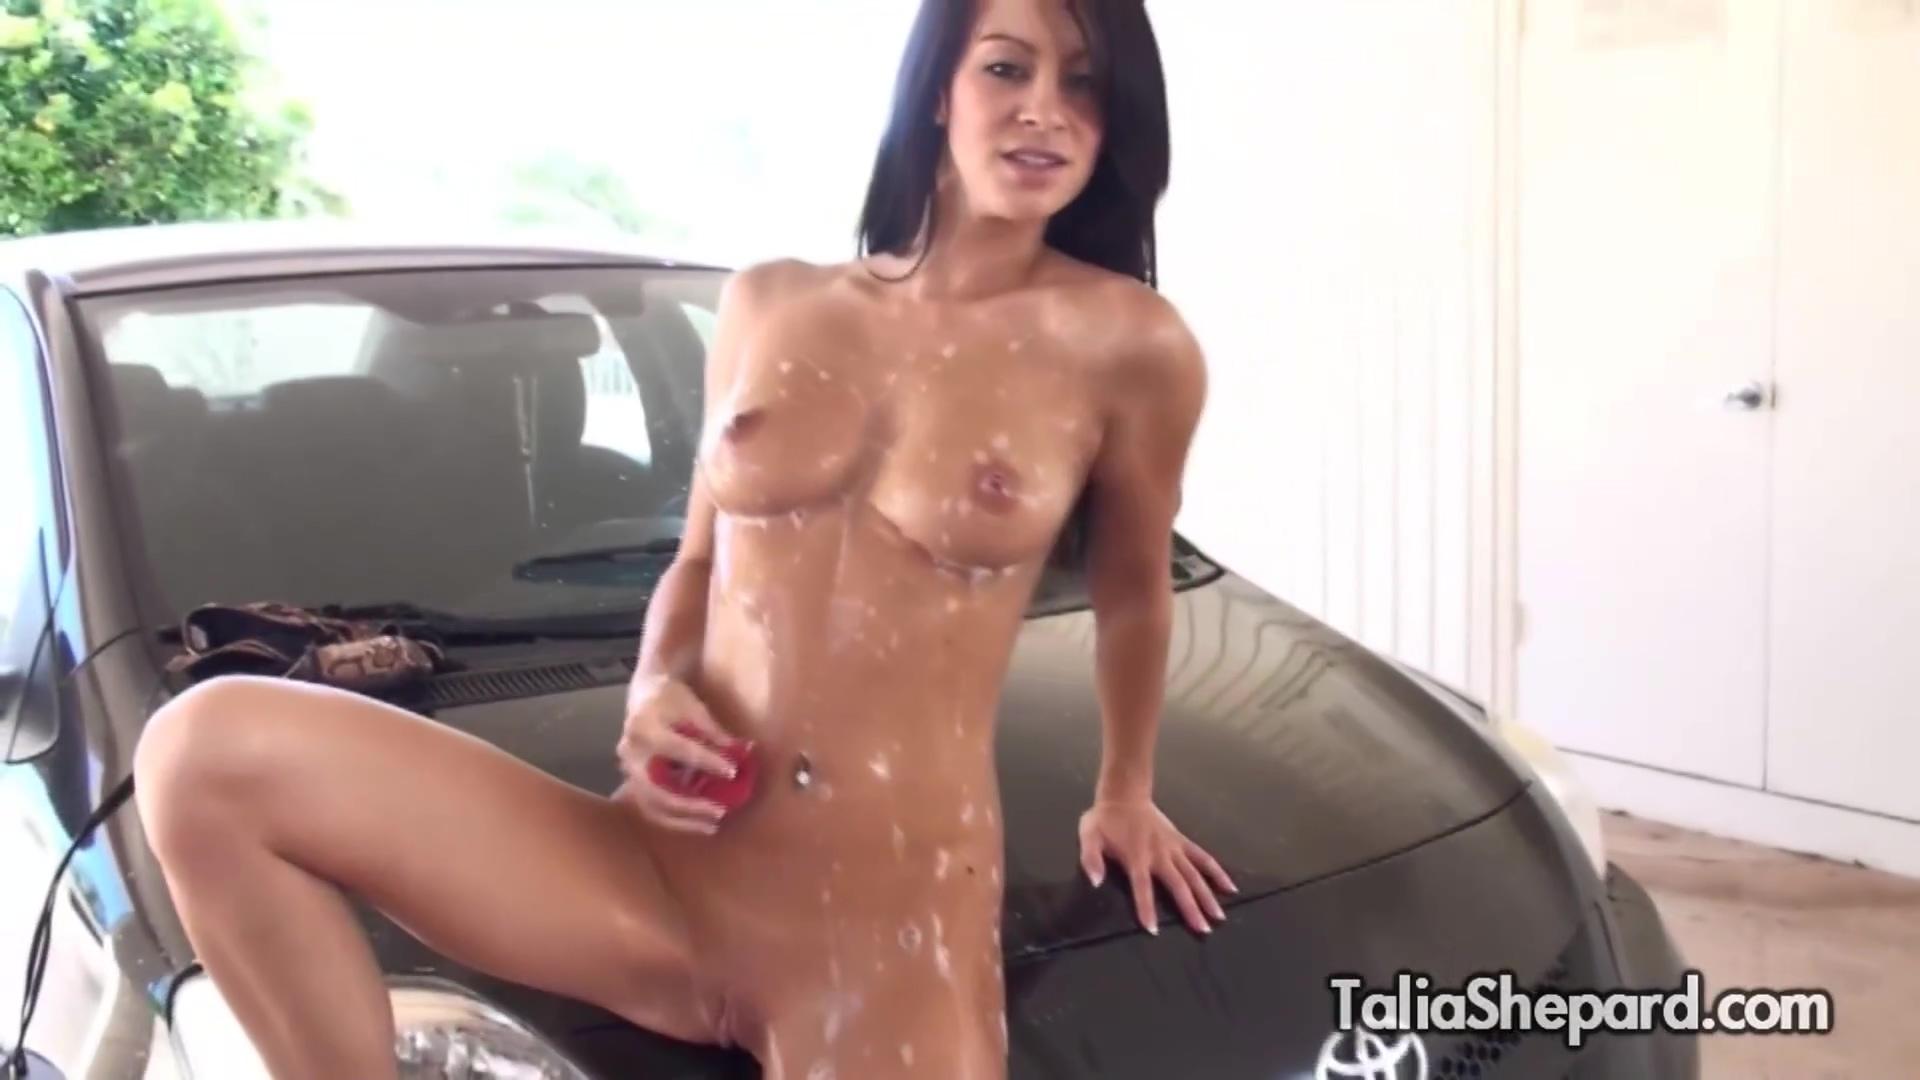 Kinky Brunette Talia Shepard Outdoor Striptease Car Wash